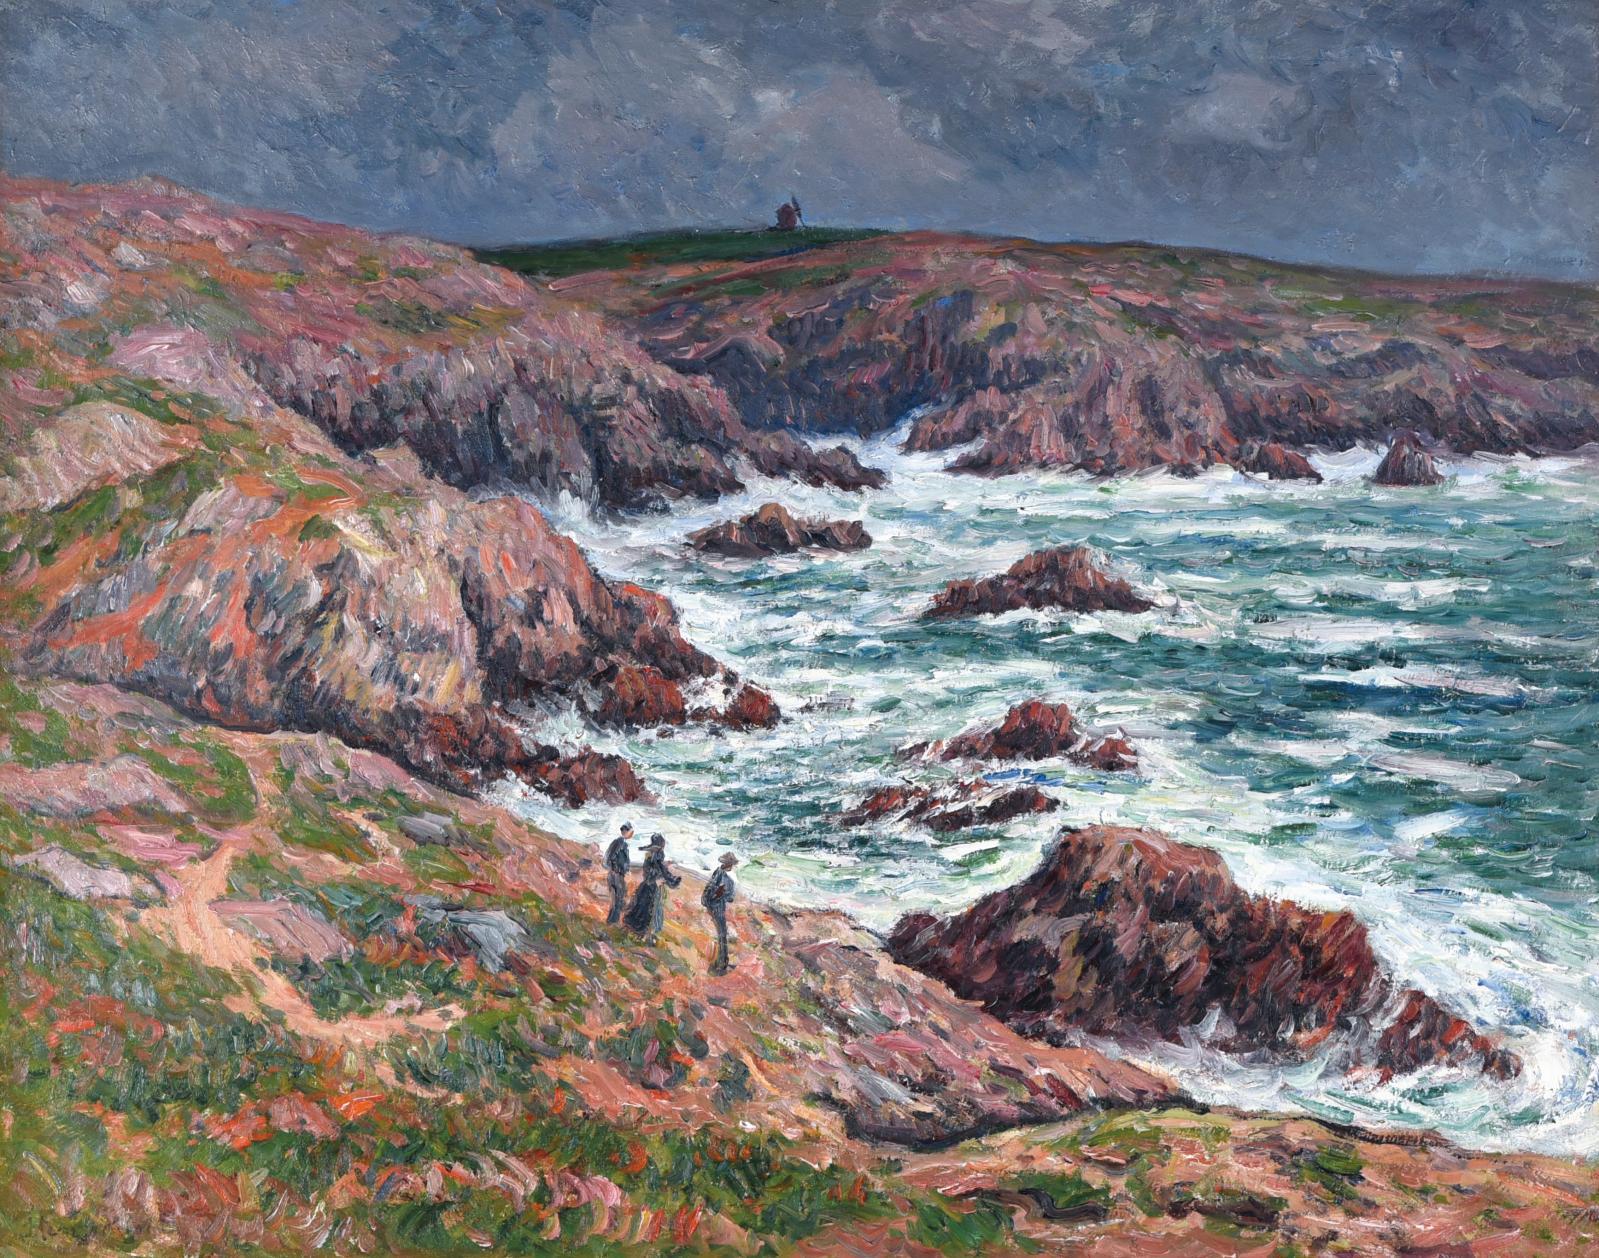 Henry Moret (1856-1913), n'a cessé d'arpenter les îles et les côtes de la Bretagne, et en particulier le littoral rocheux du Finistère. C'est là qu'il